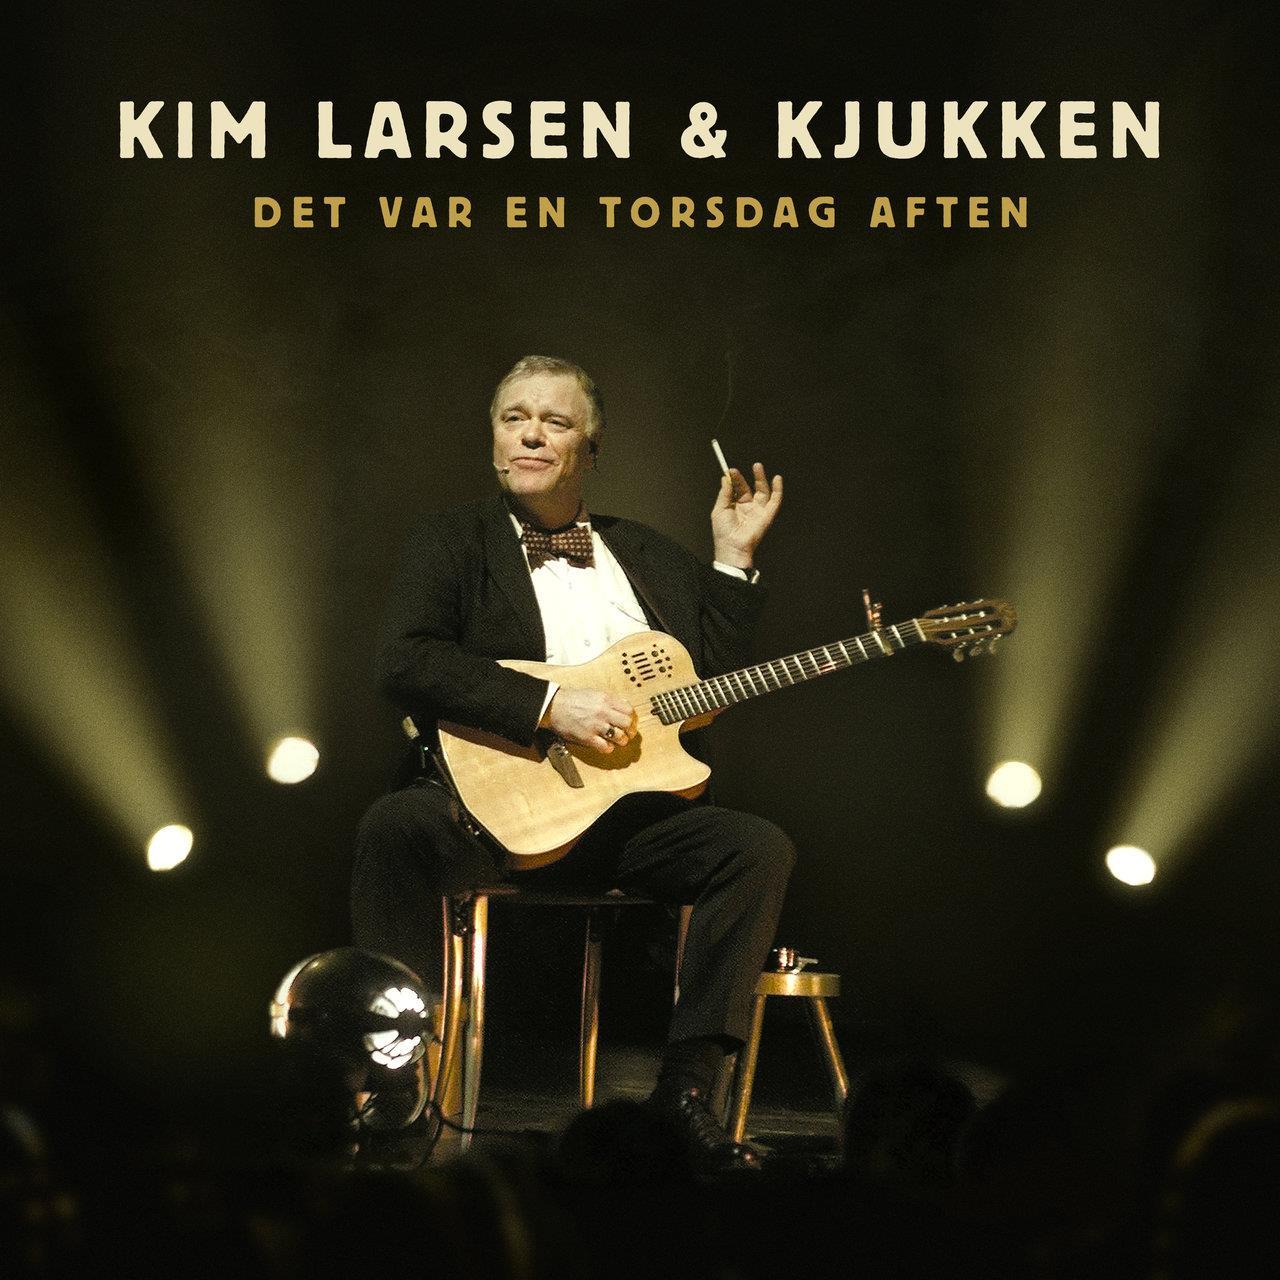 Kim Larsen & Kjukken - Det var en torsdag aften [3xLP]